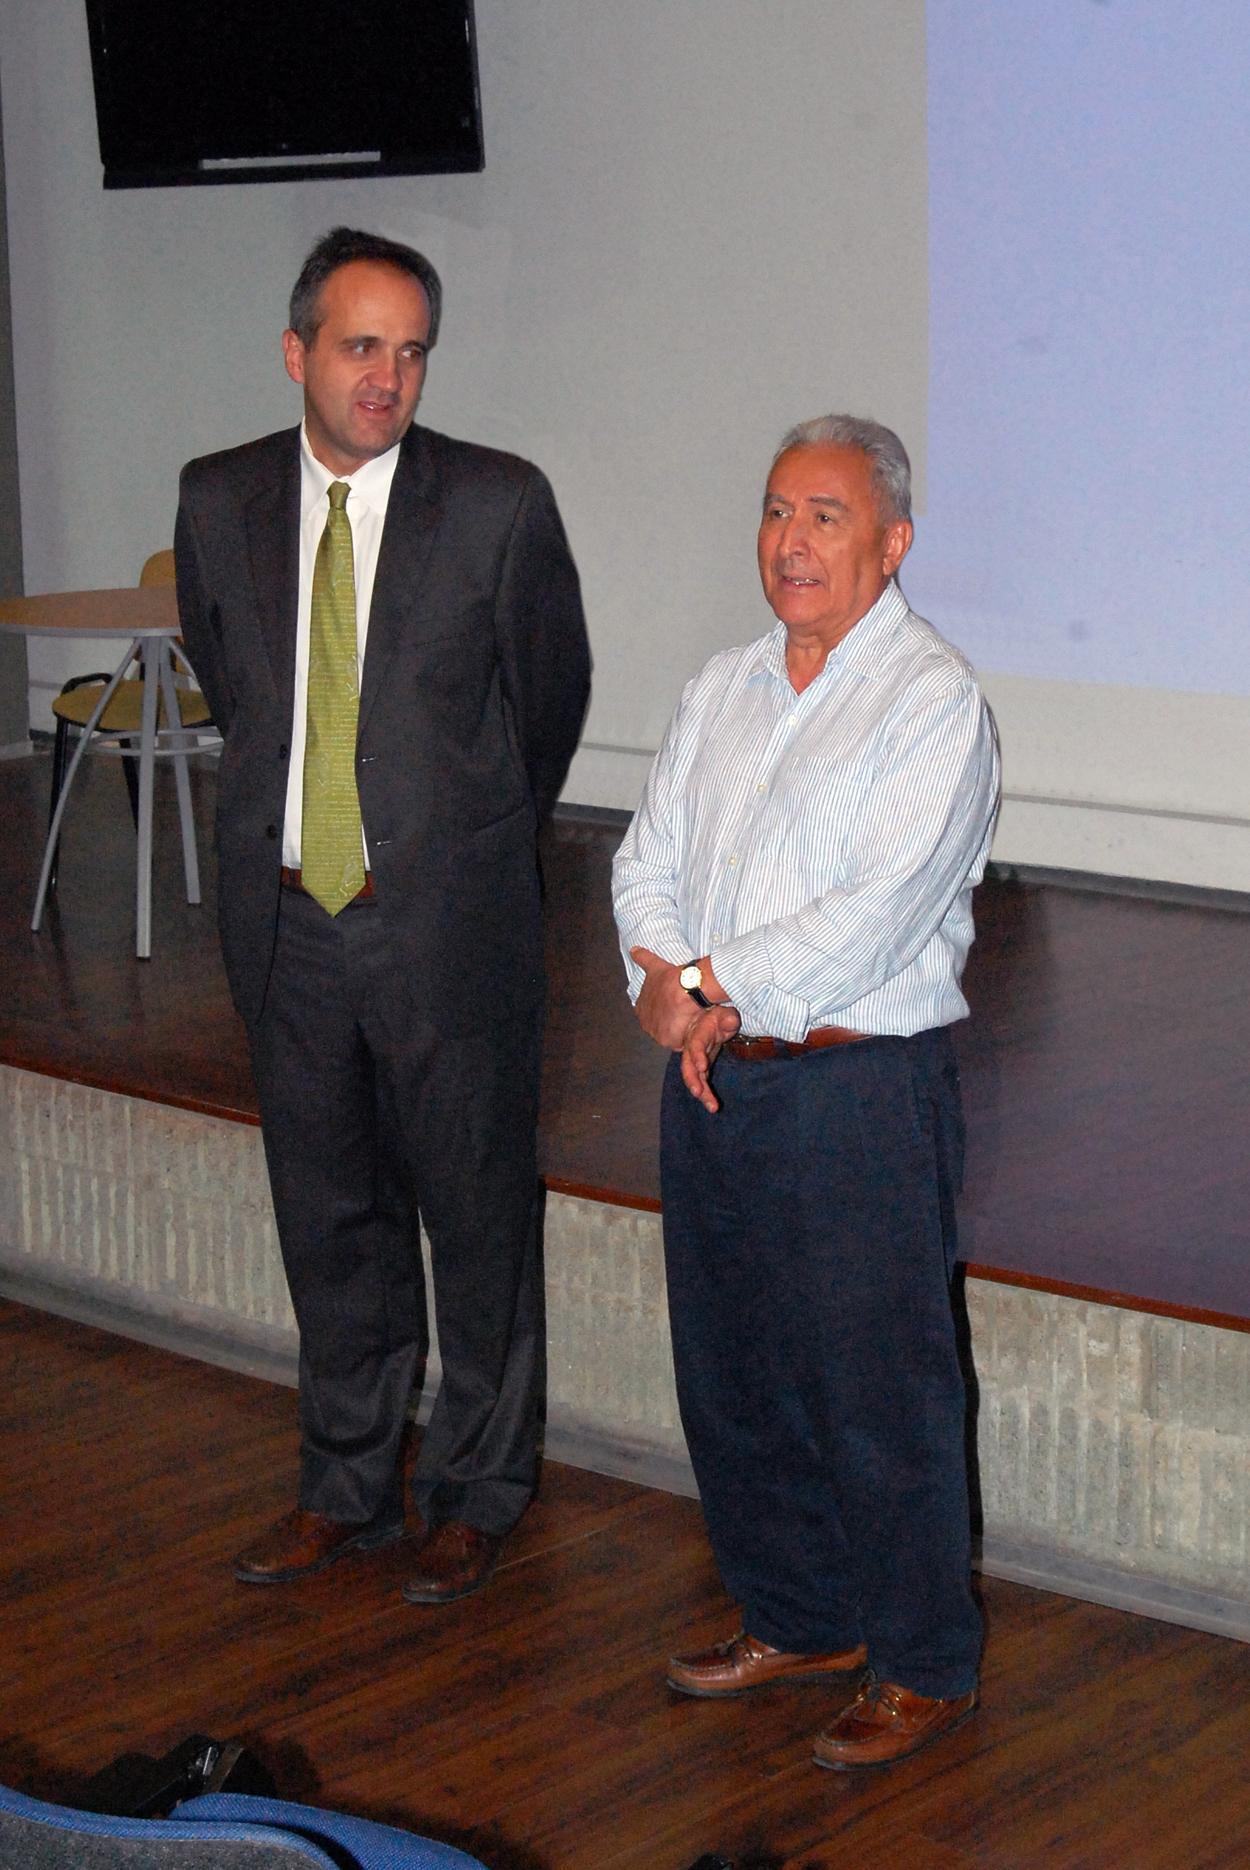 Profesores de la Universidad de Salamanca imparten un curso en Colombia sobre el estatuto anticorrupción